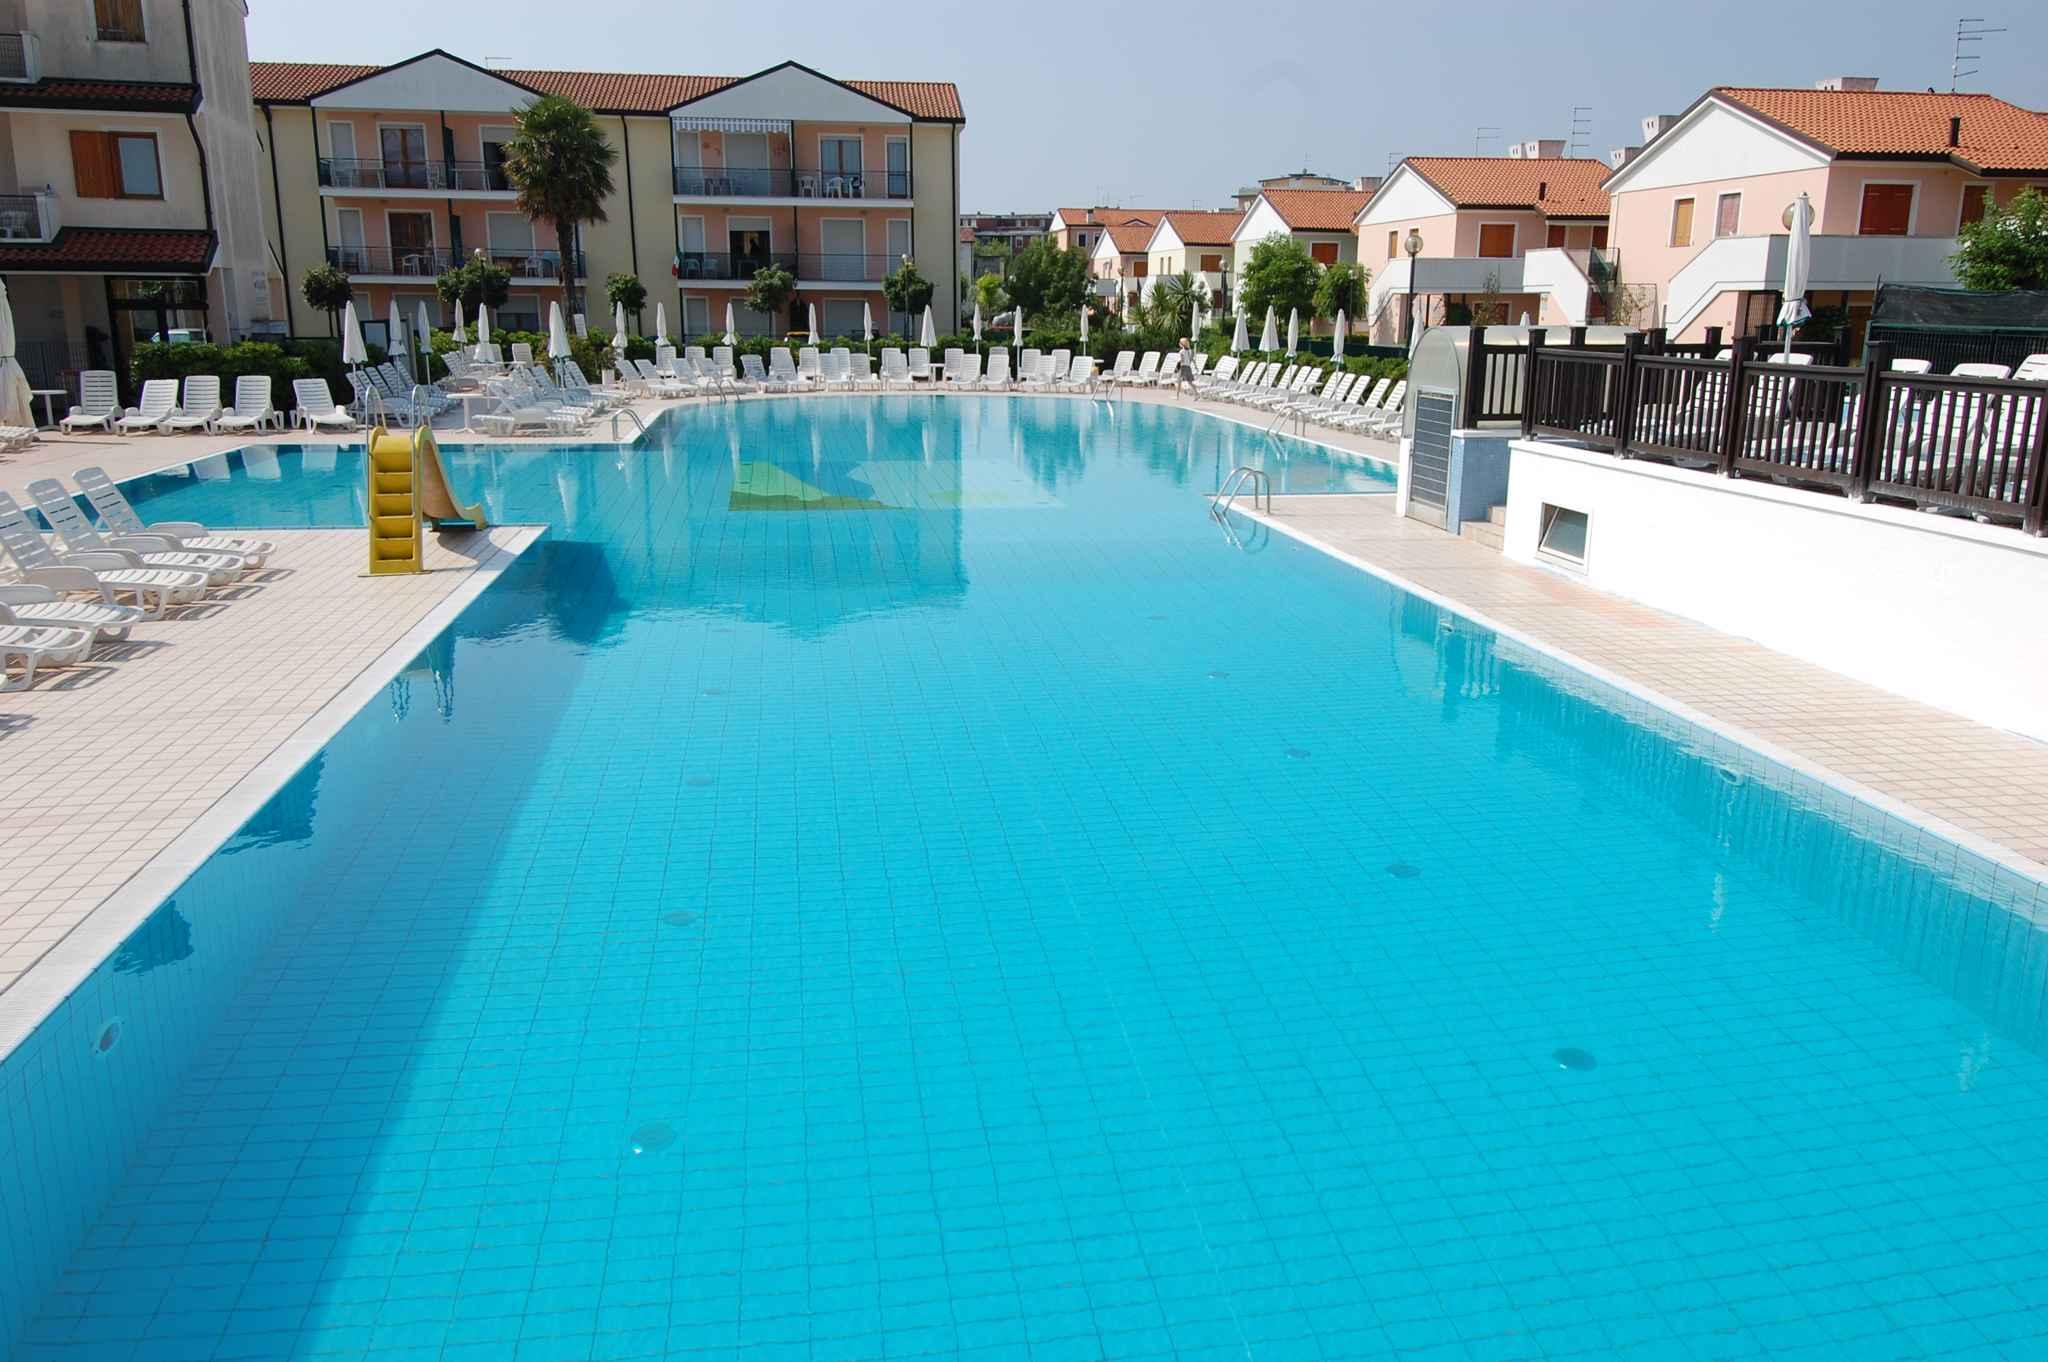 Ferienwohnung mit Pool (284308), Rosolina Mare, Rovigo, Venetien, Italien, Bild 7